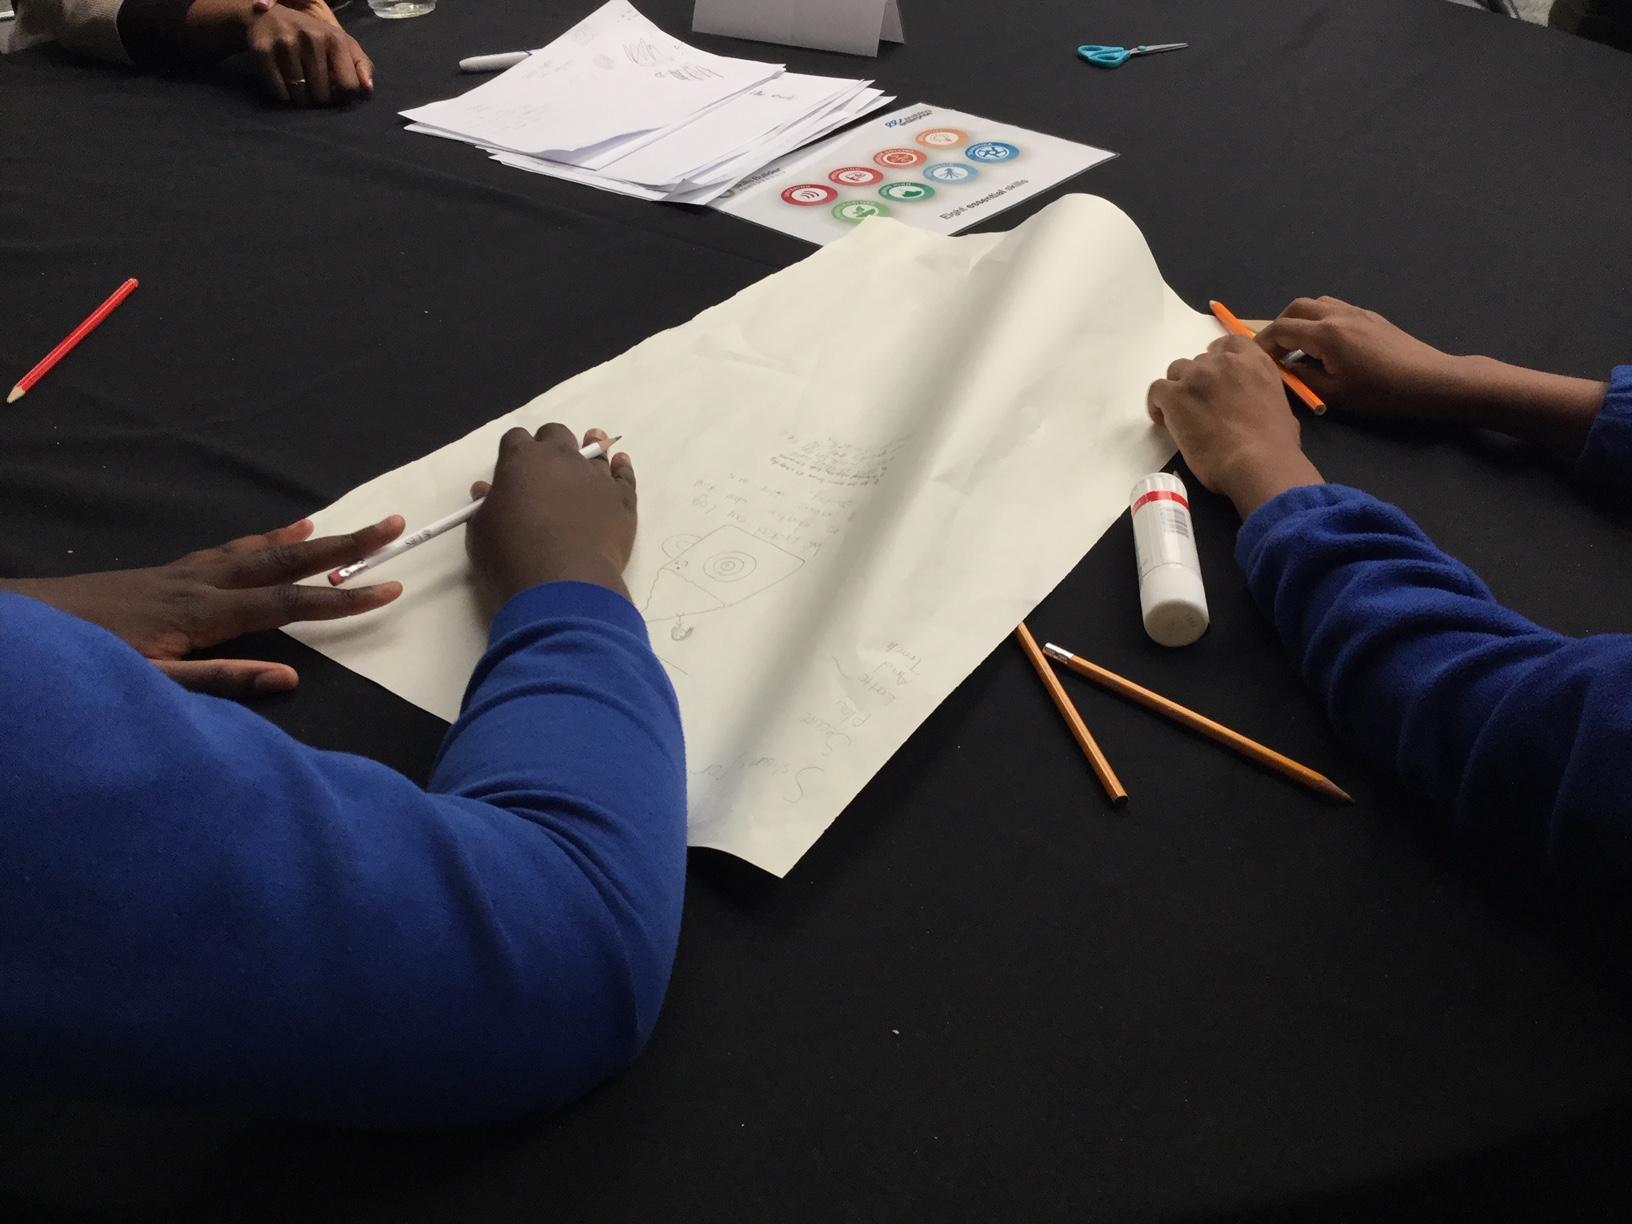 Children developing essential skills